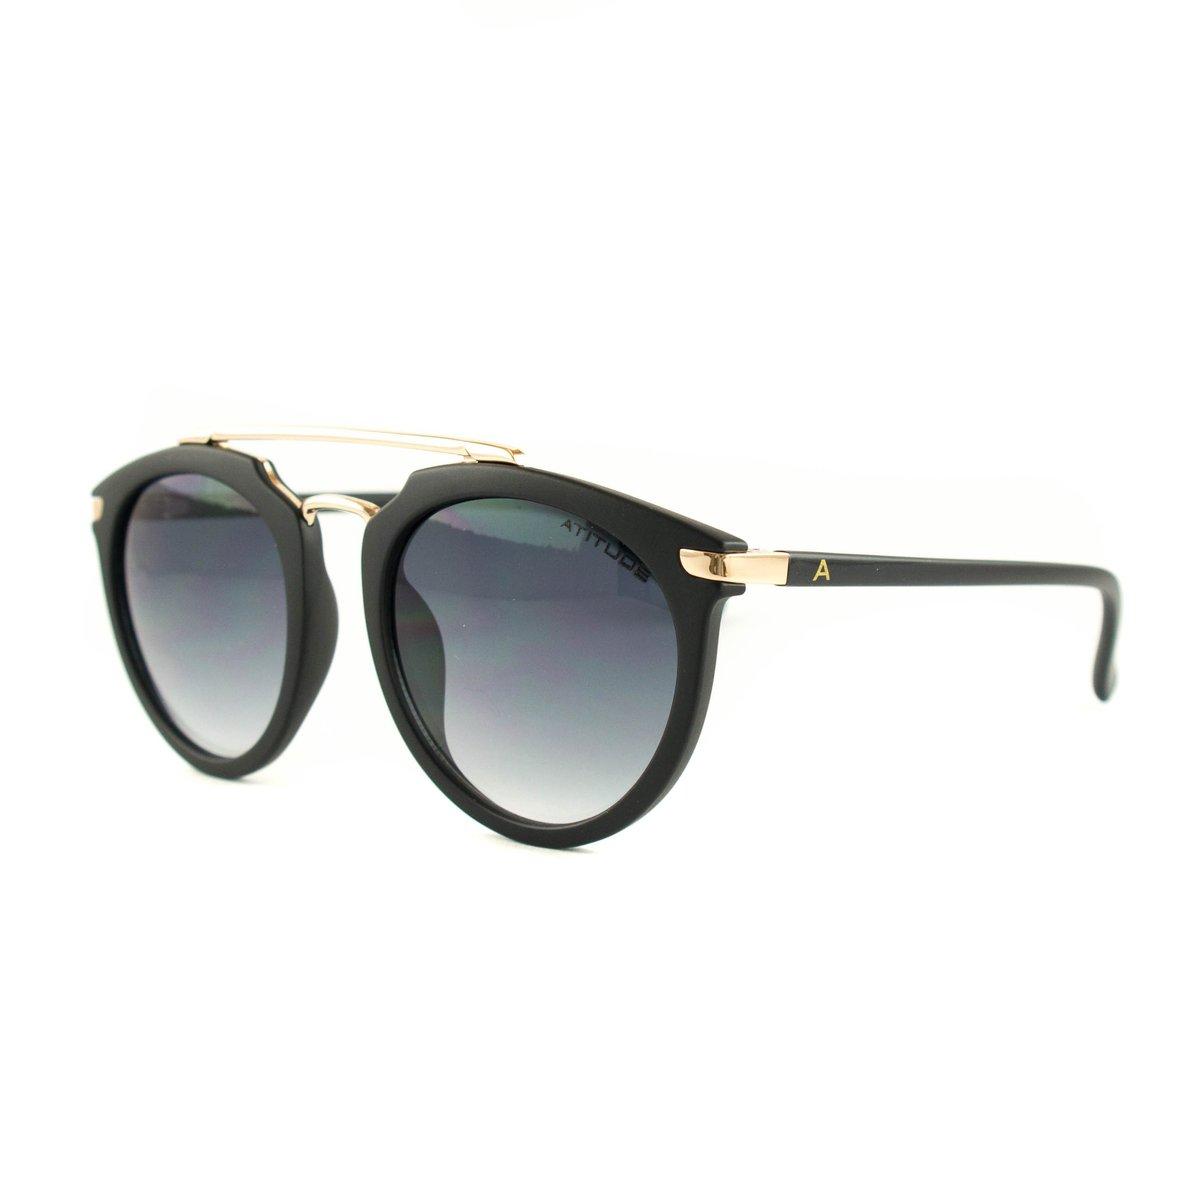 0a84af564 Óculos Atitude De Sol - Compre Agora | Zattini